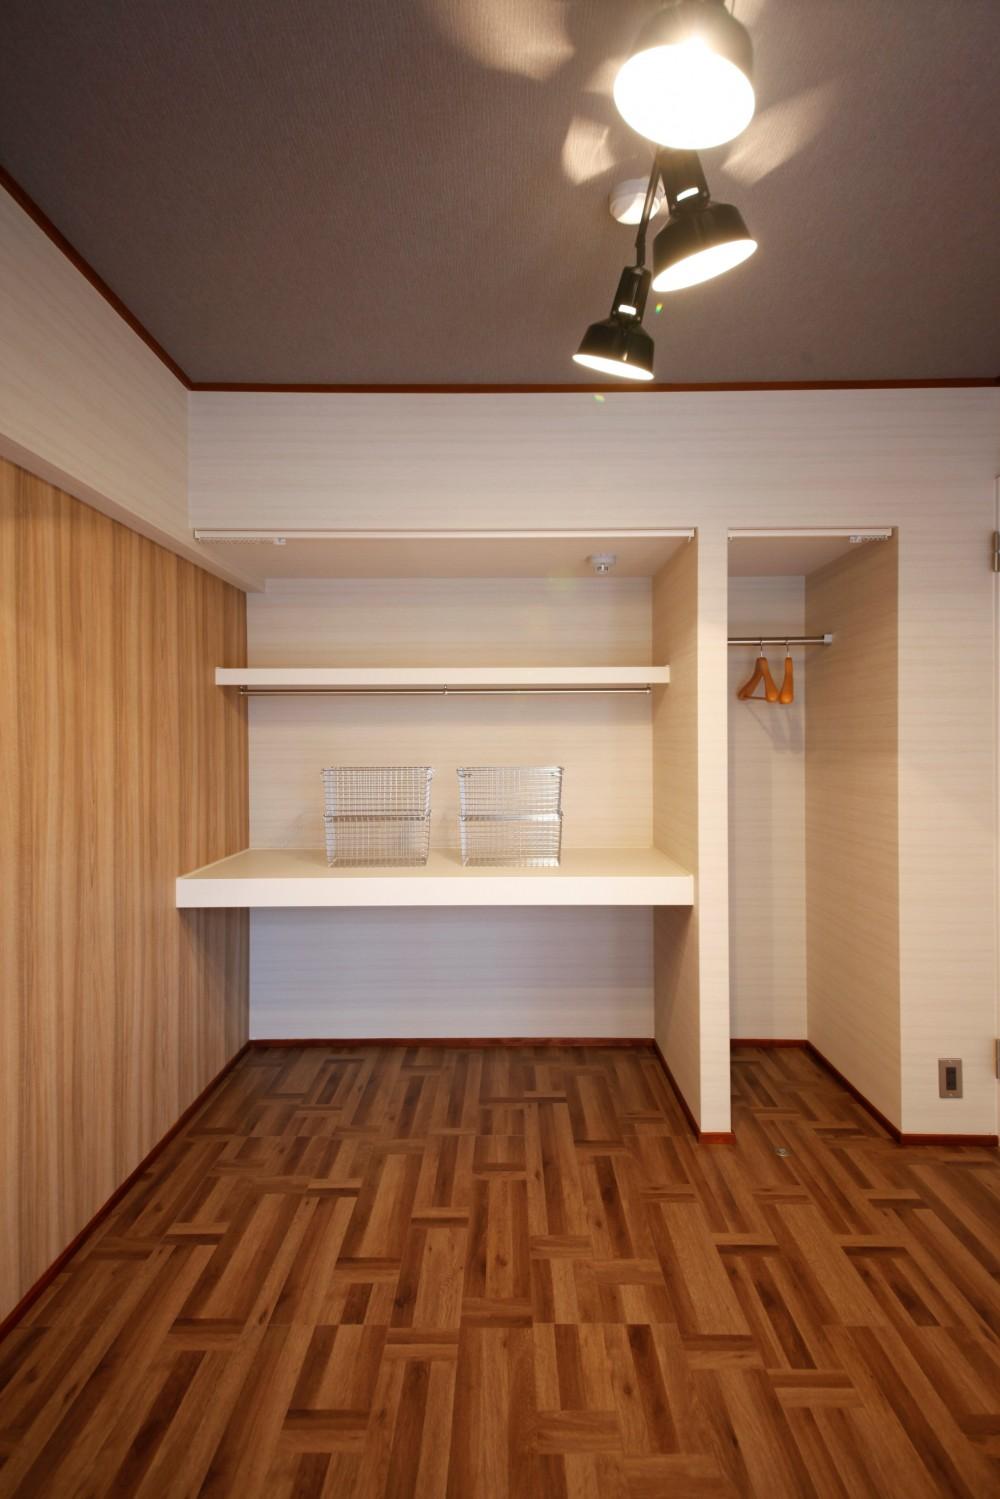 大人カフェの寛ぎ感に包まれ都心で至福のコーヒータイム (寝室)